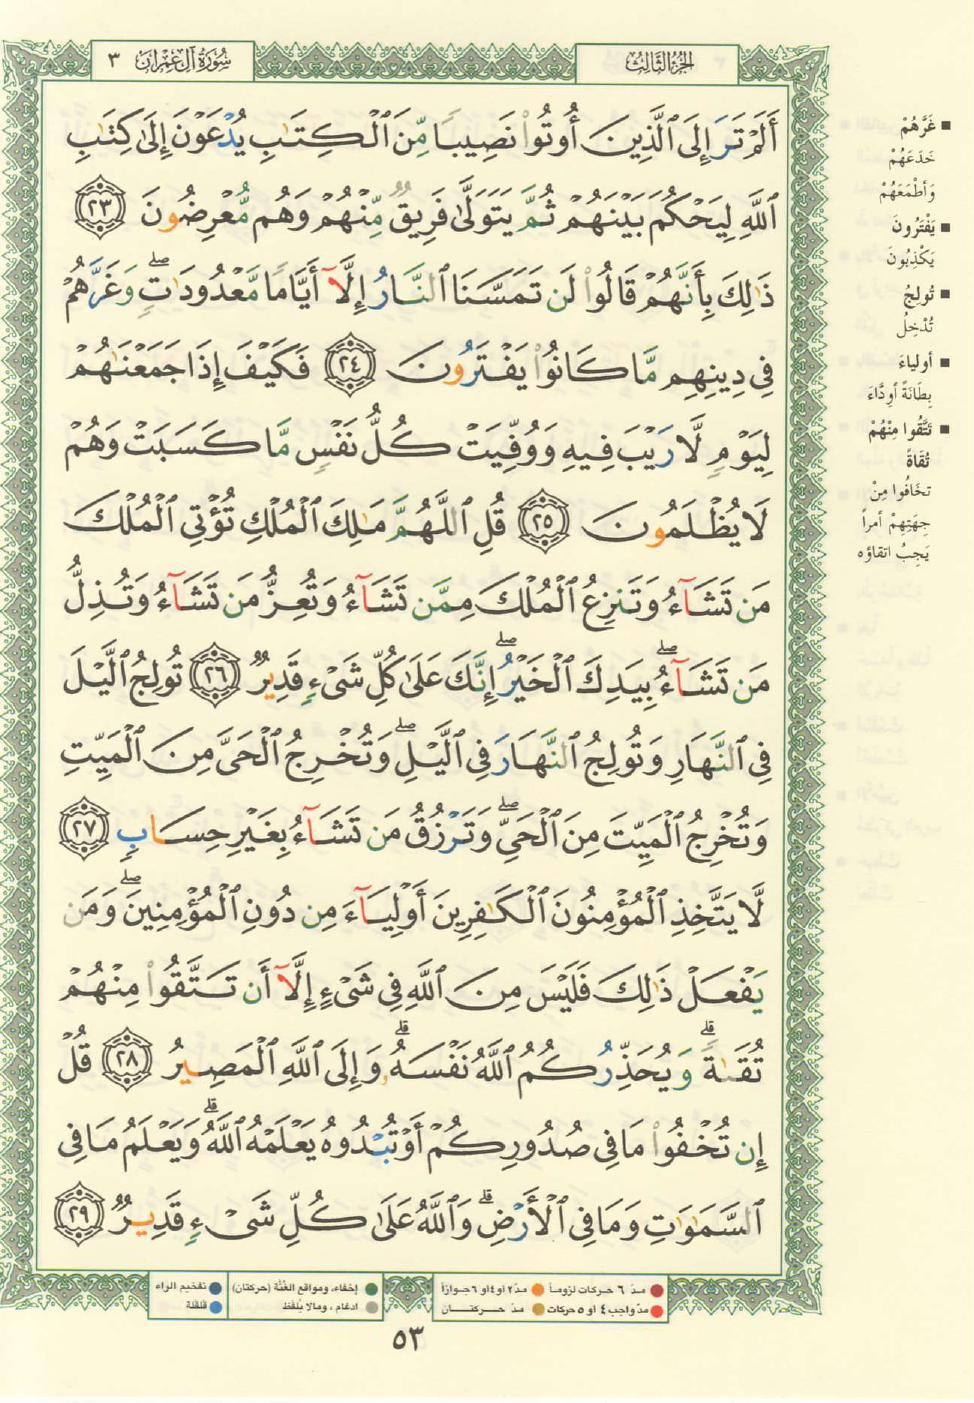 3. سورة آل عمران - Al-Imran مصورة من المصحف الشريف Quran_tajwid_000062